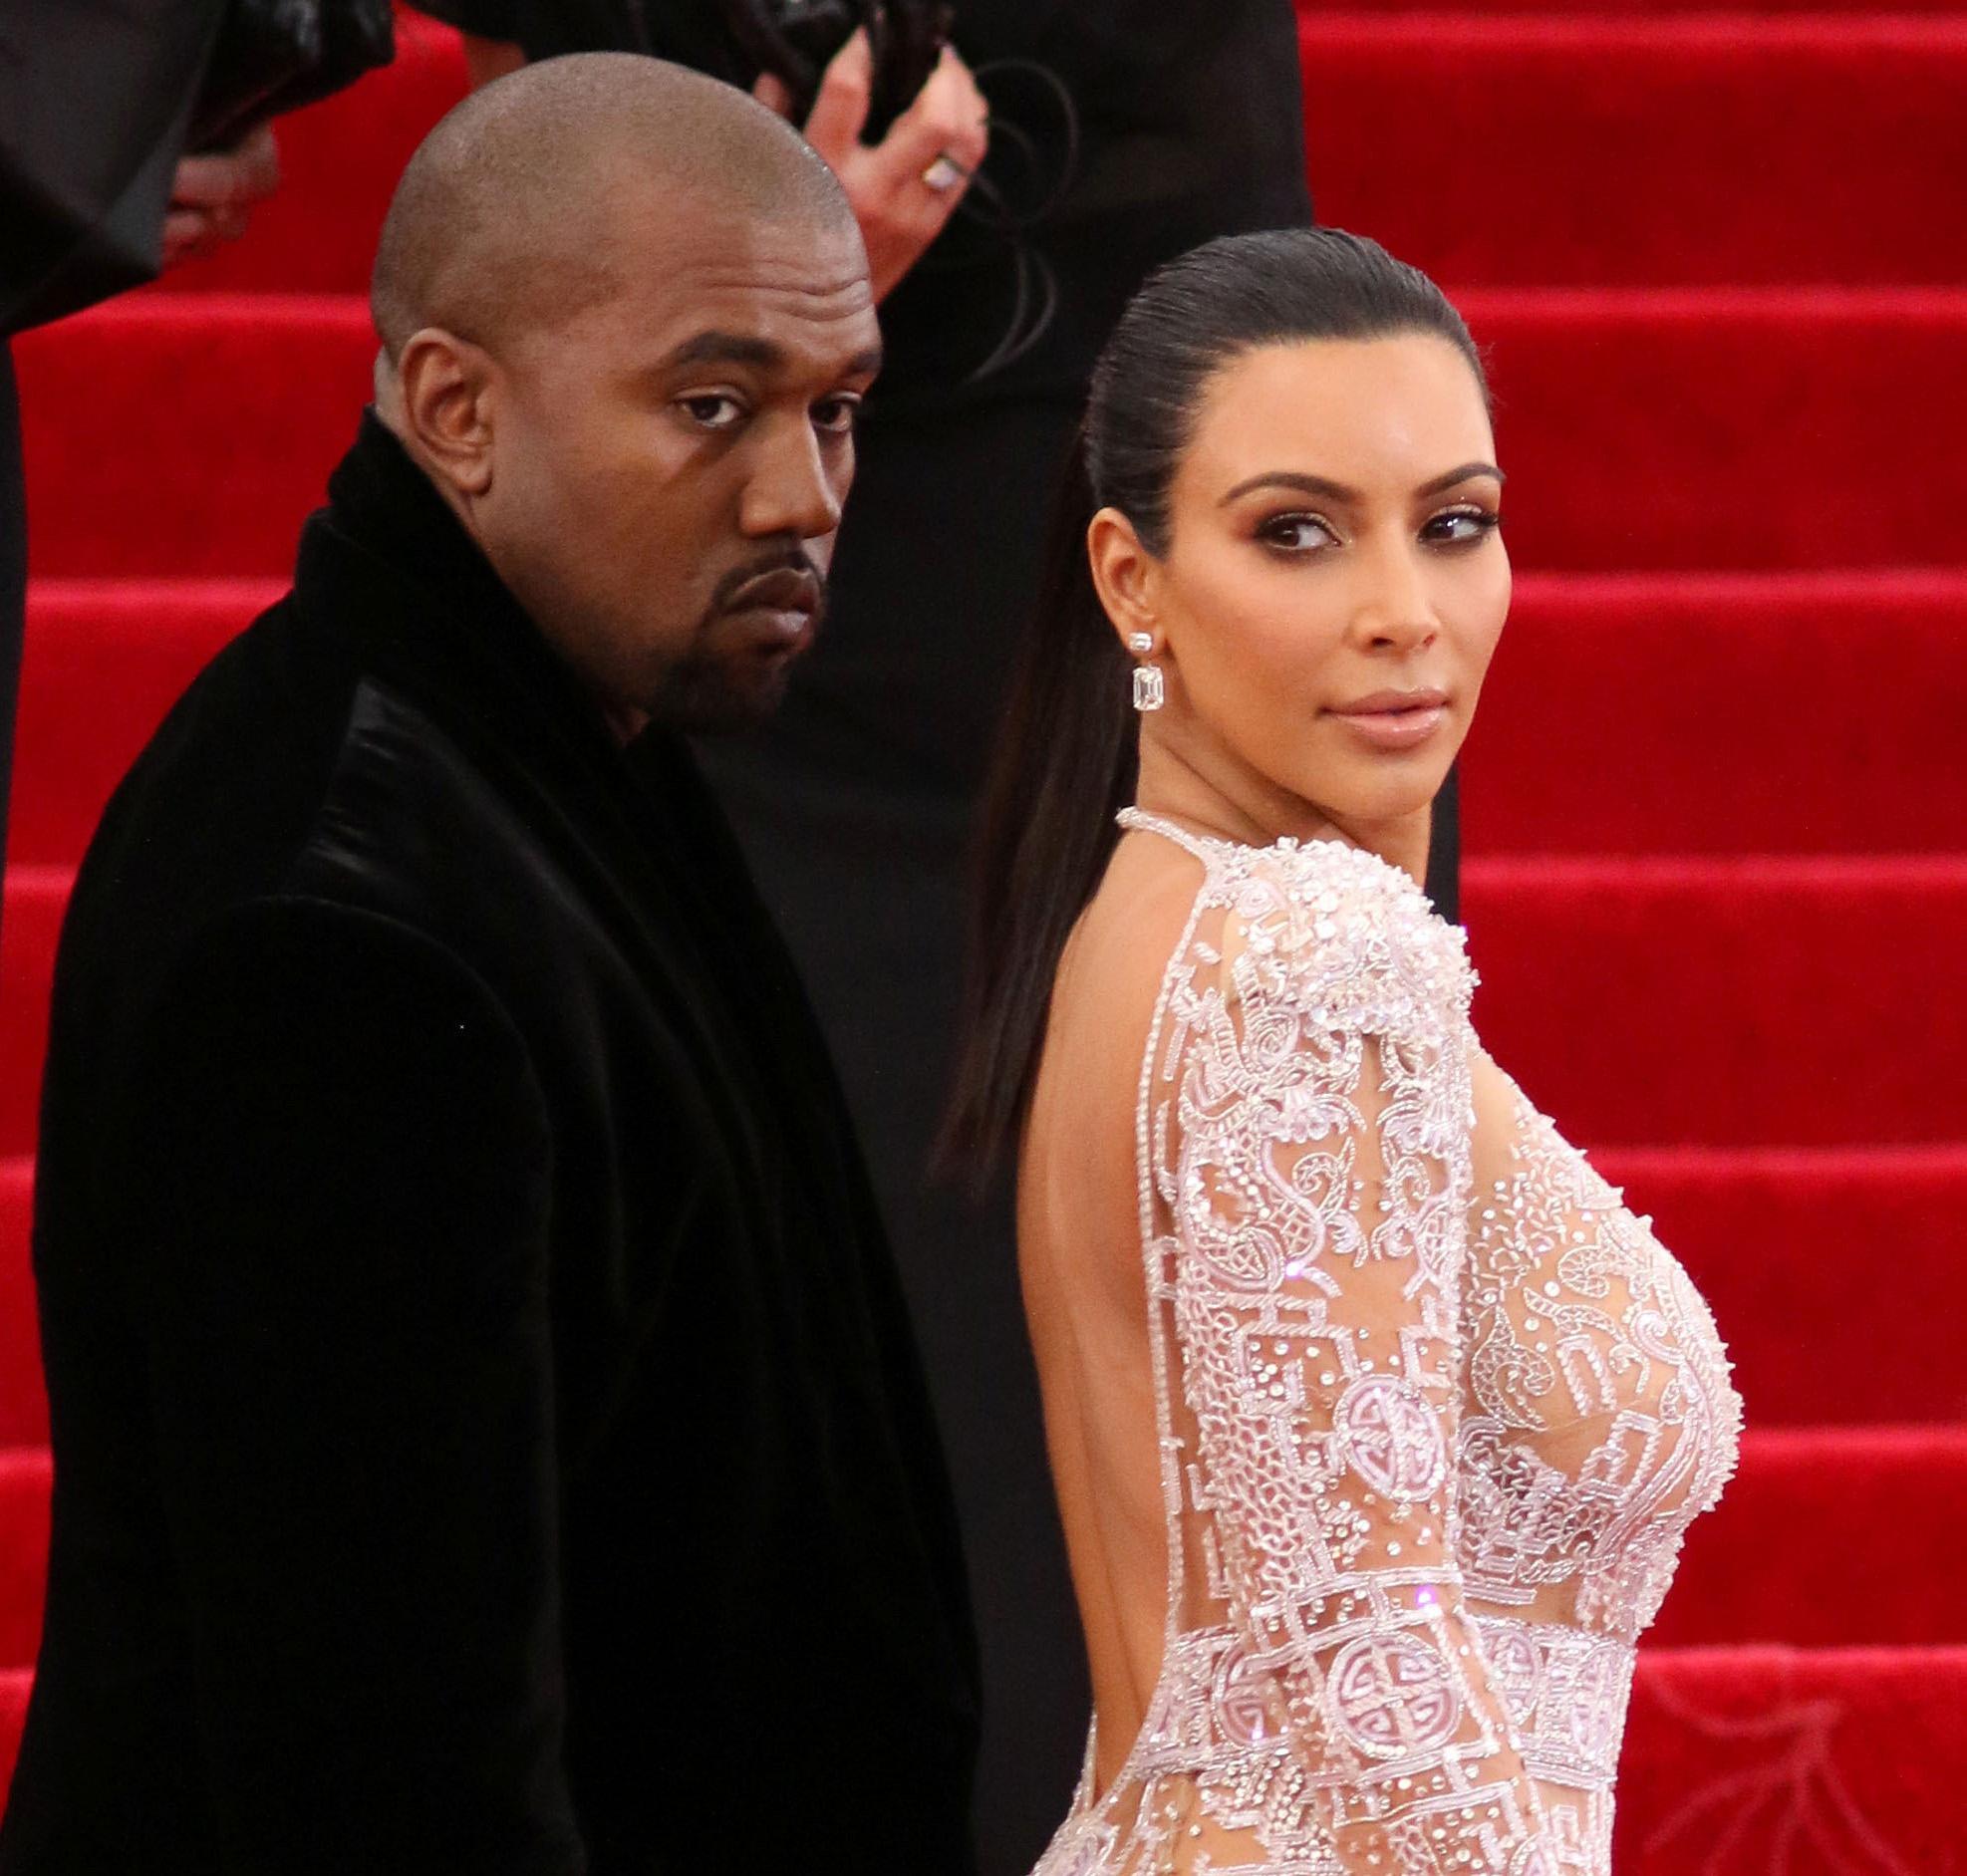 Kim en Khloé Kardashian met de billen bloot voor fotoshoot